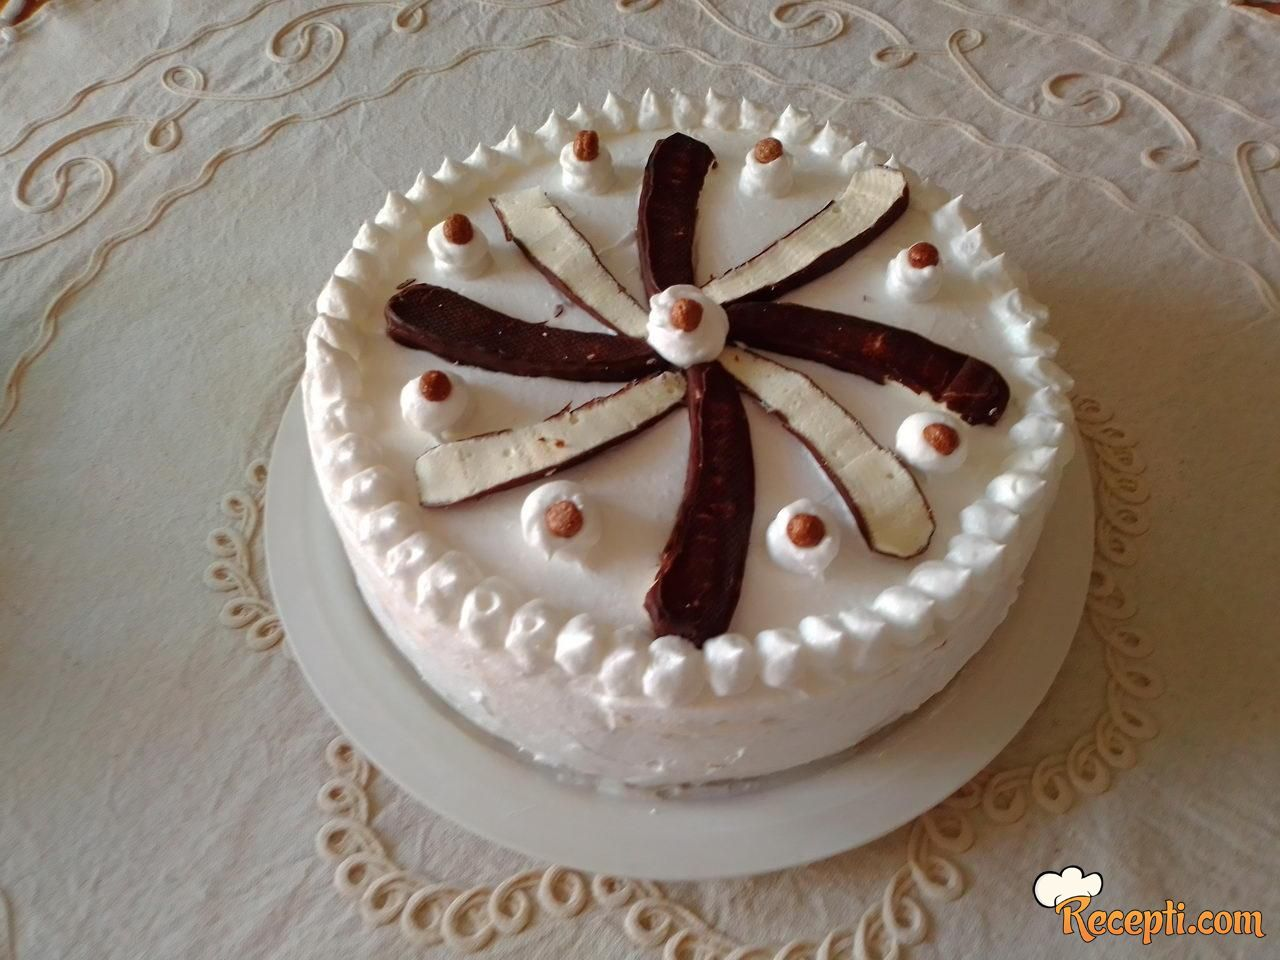 Brza torta s keksom i bananicama